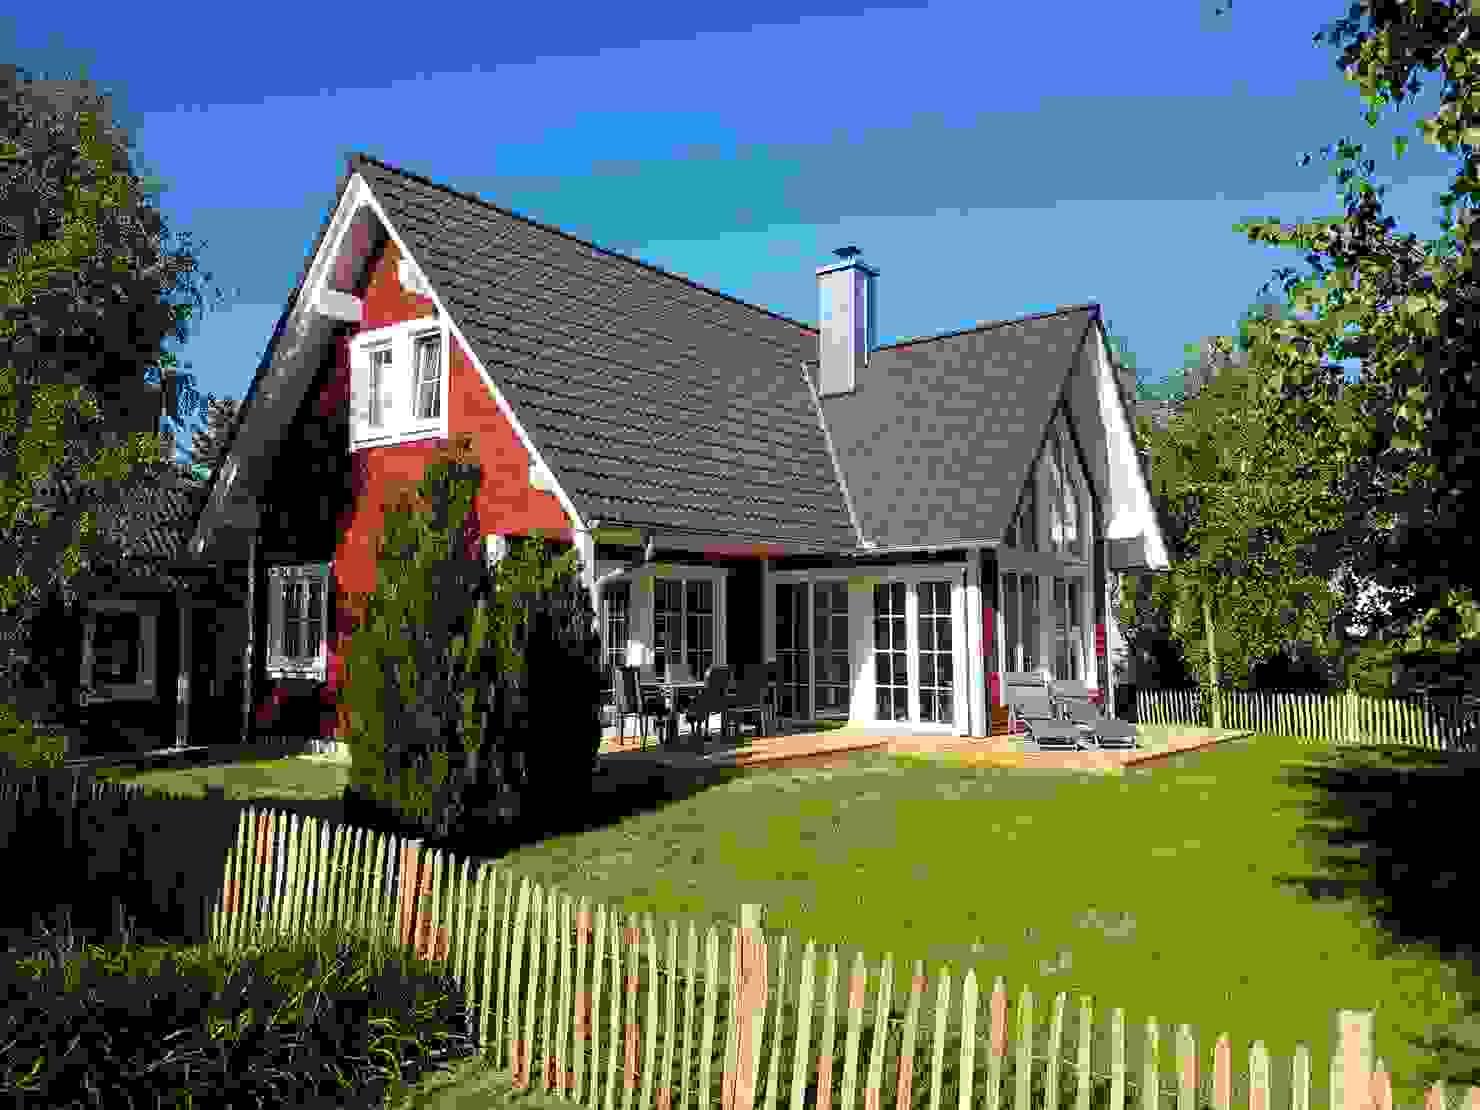 Ökologisches Ferienhaus im skandinavischen Stil